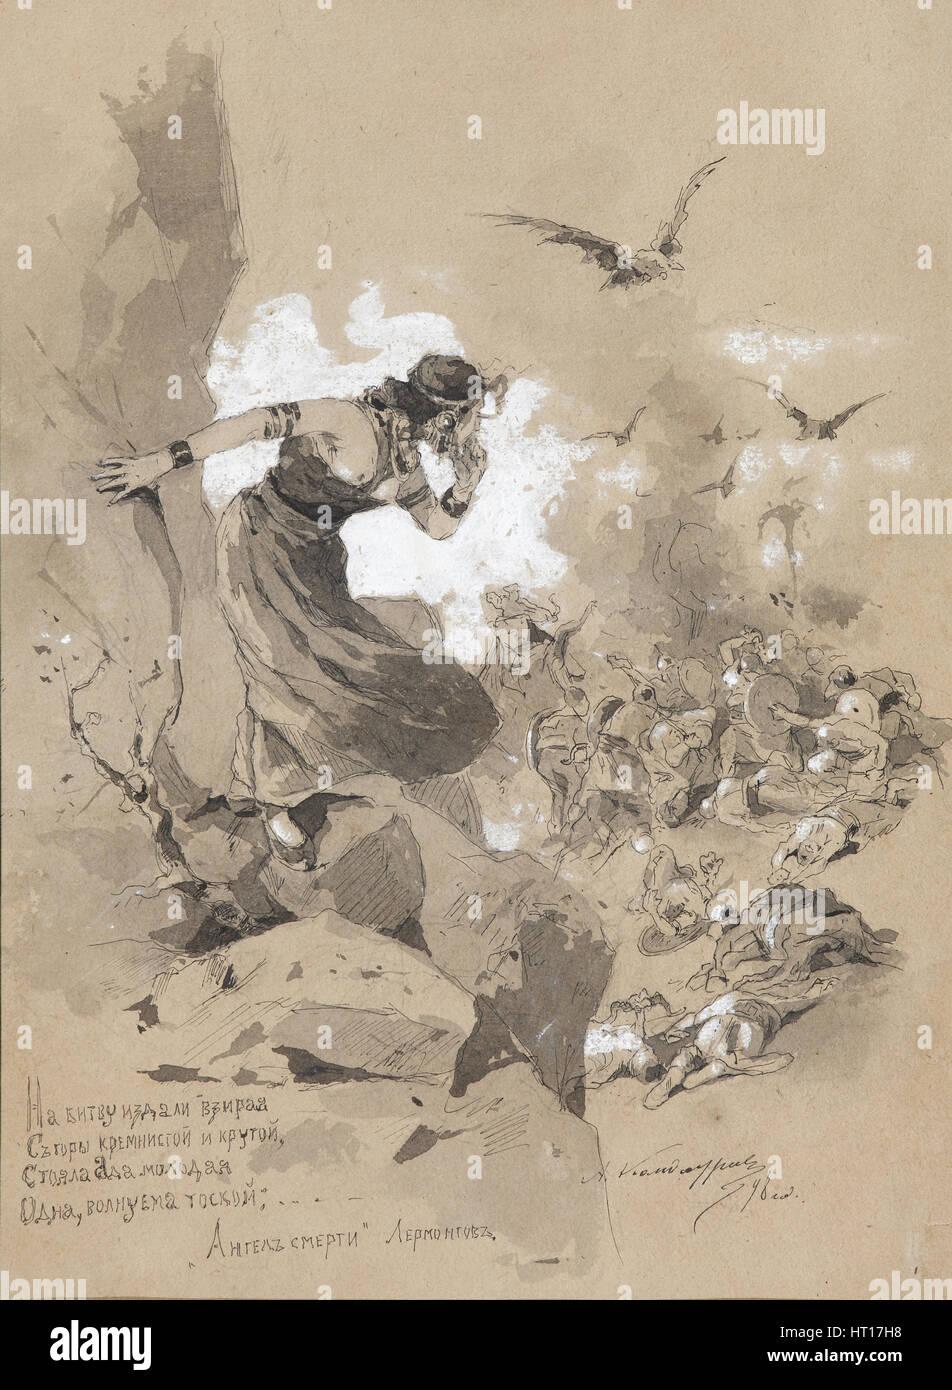 Illustrazione Del Poema L Angelo Della Morte Da M Lermontov 1898